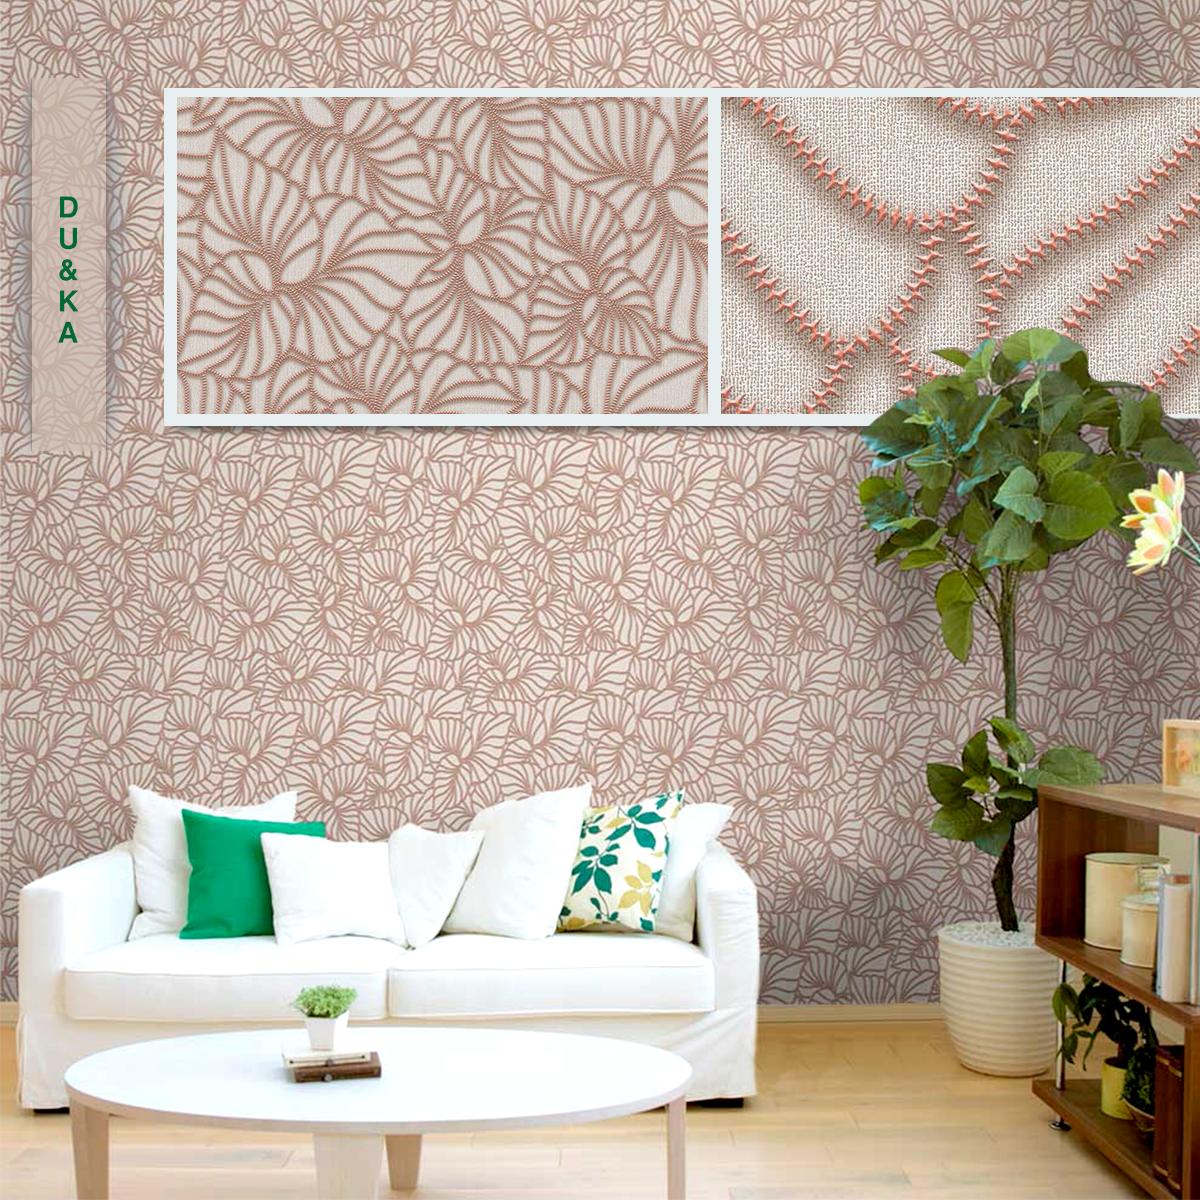 Banyonuza Hava Katacak Modern Duvar Kağıtları